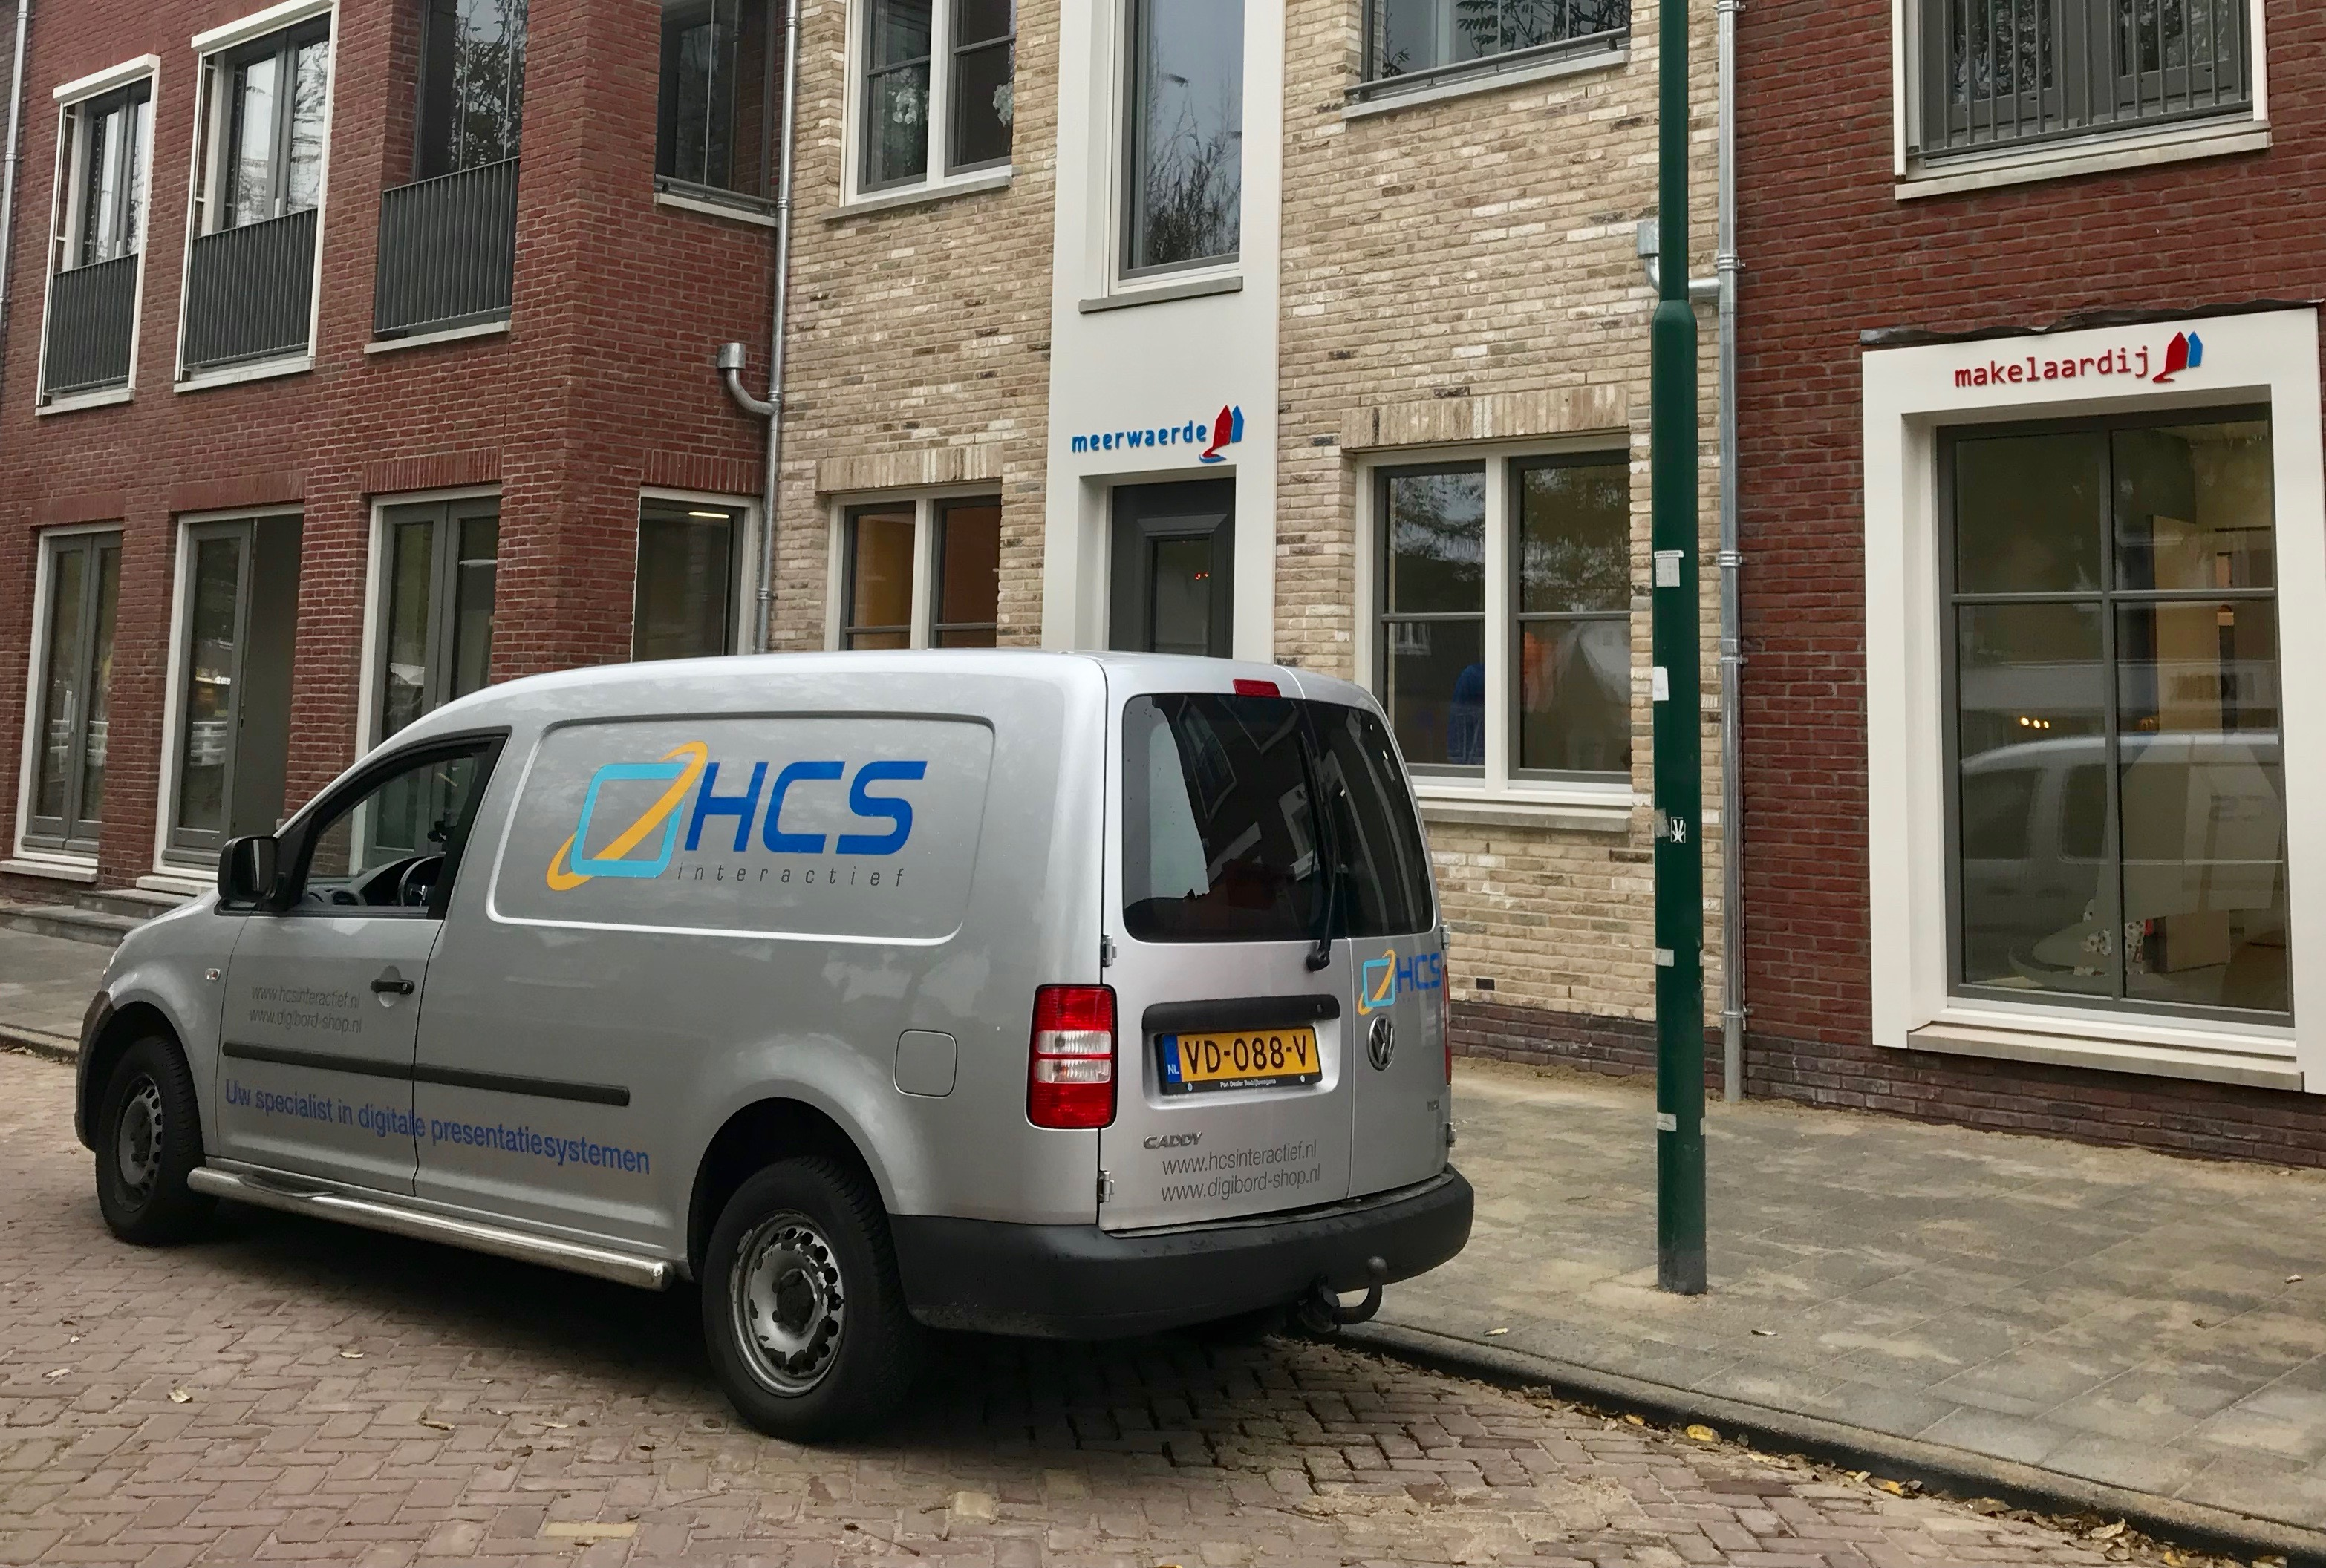 Meerwaerde HCS Interactief